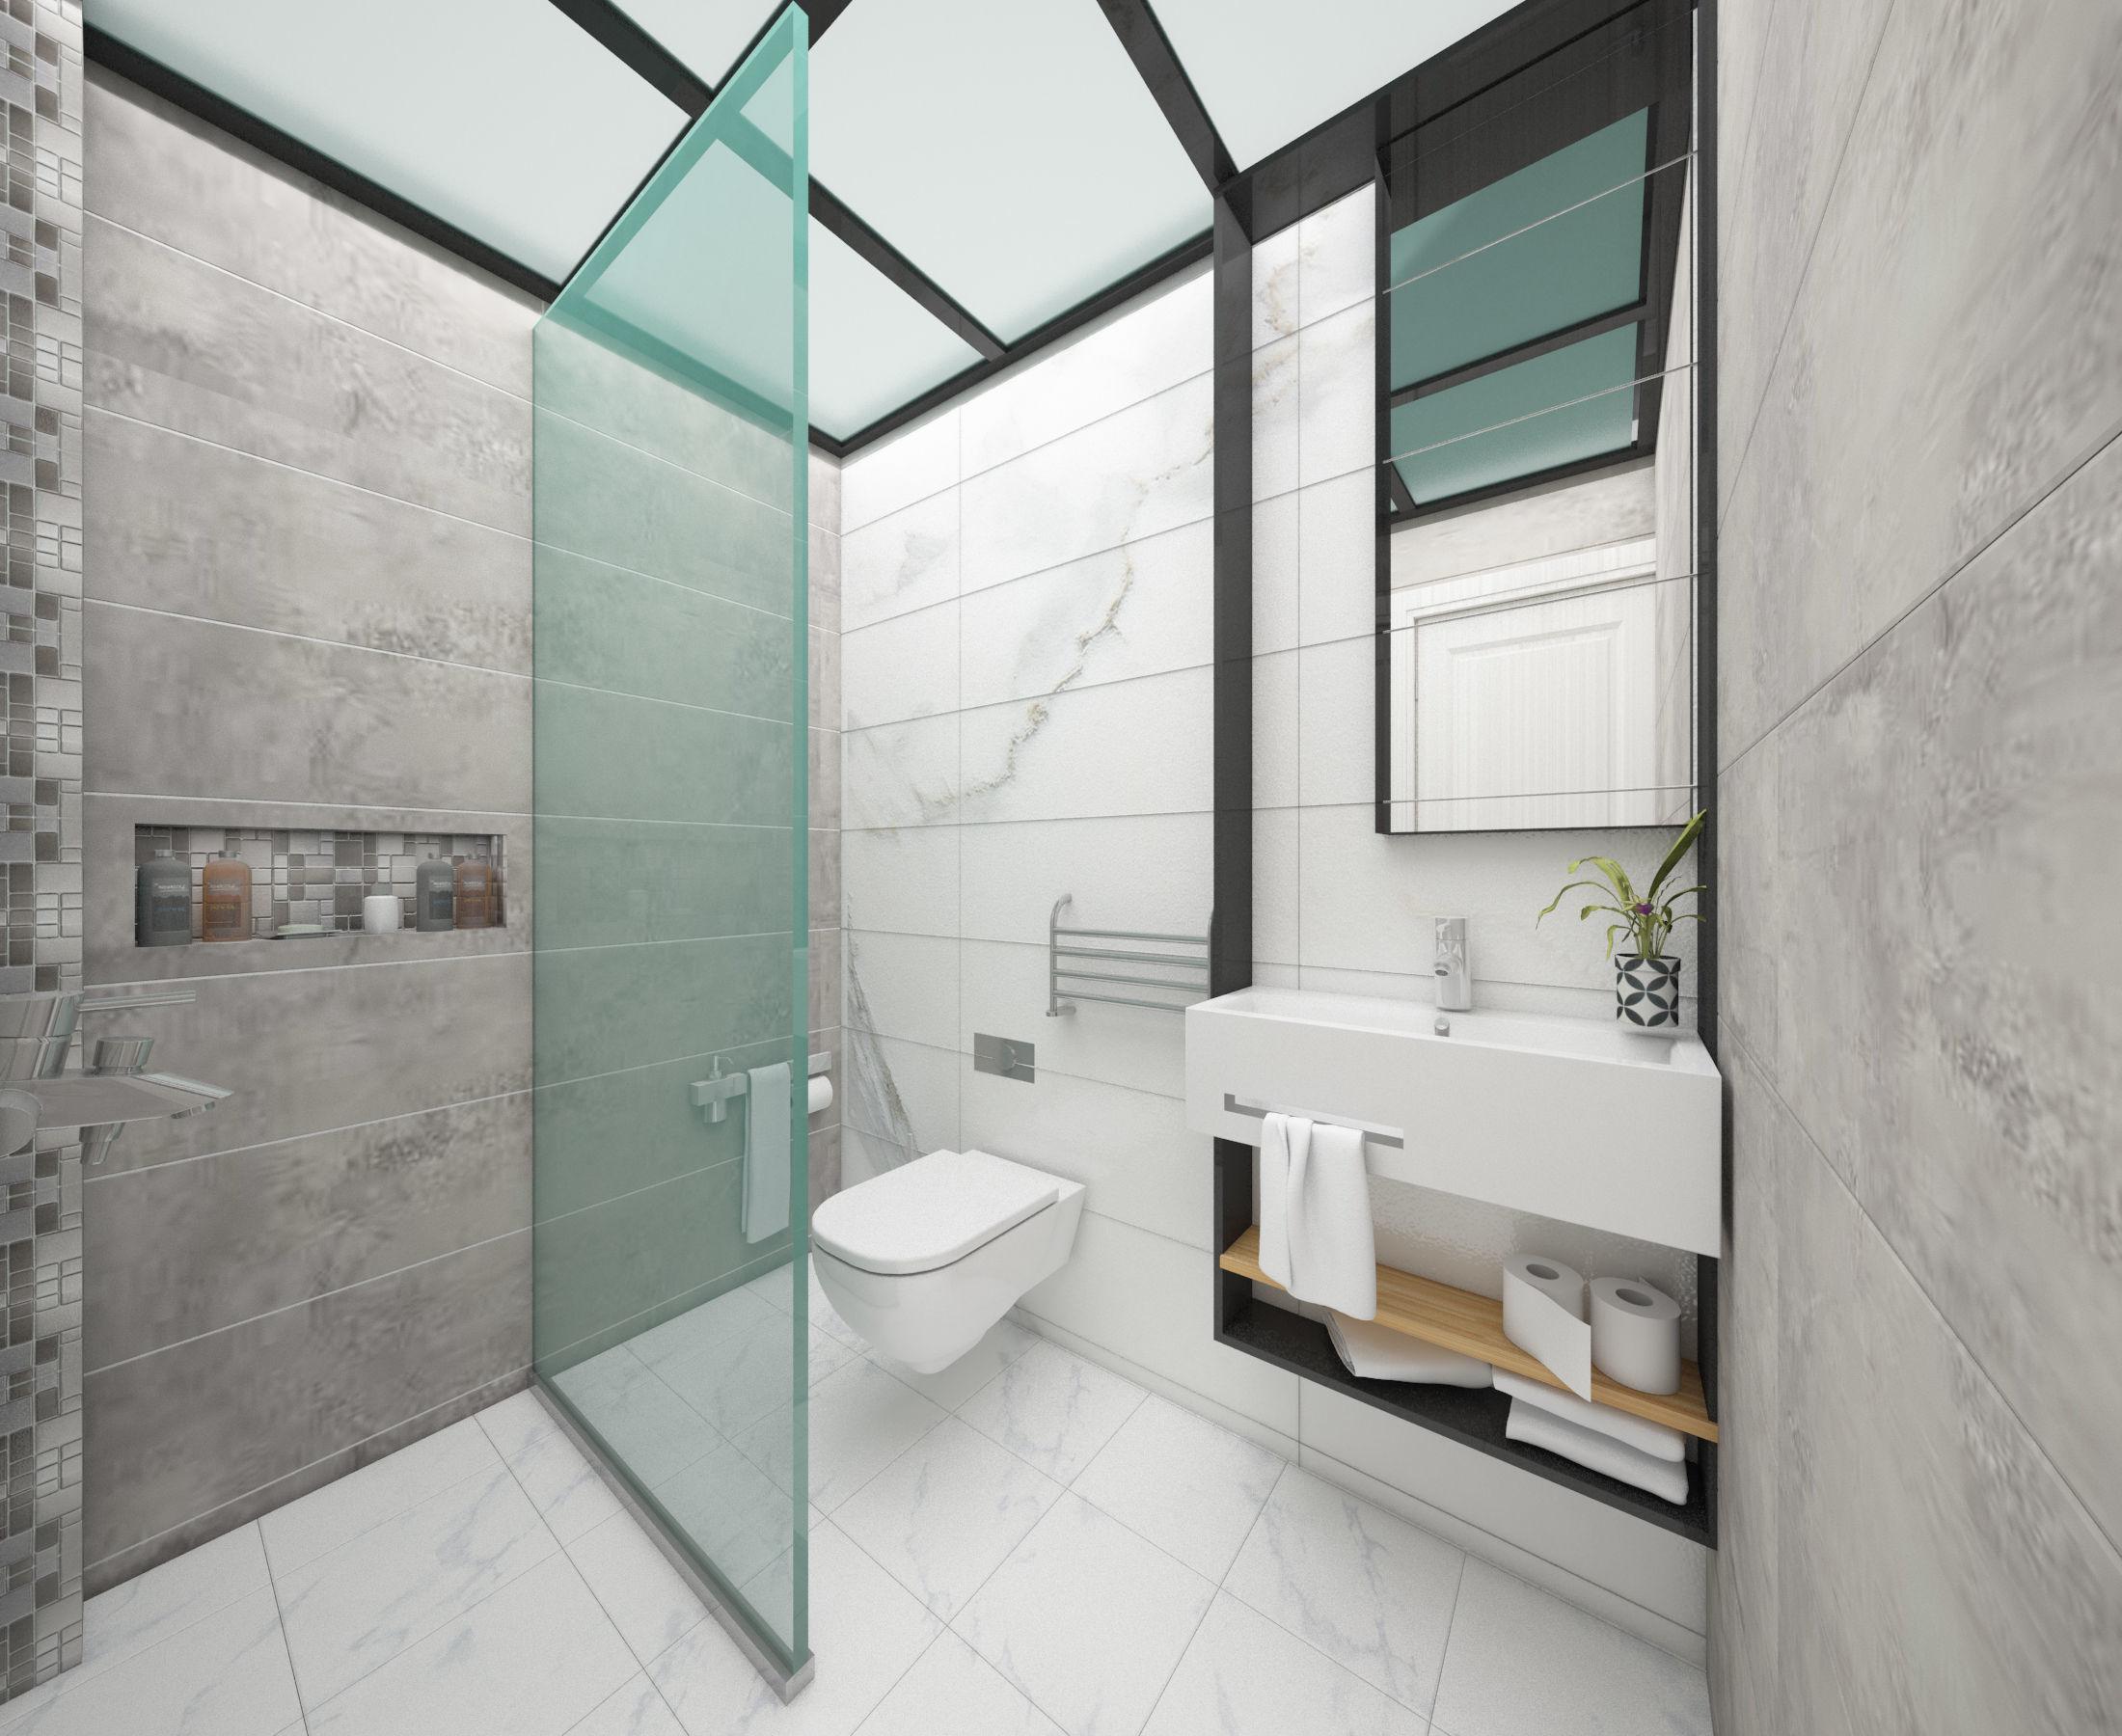 3d Bathroom model 3D model MAX OBJ FBX STL